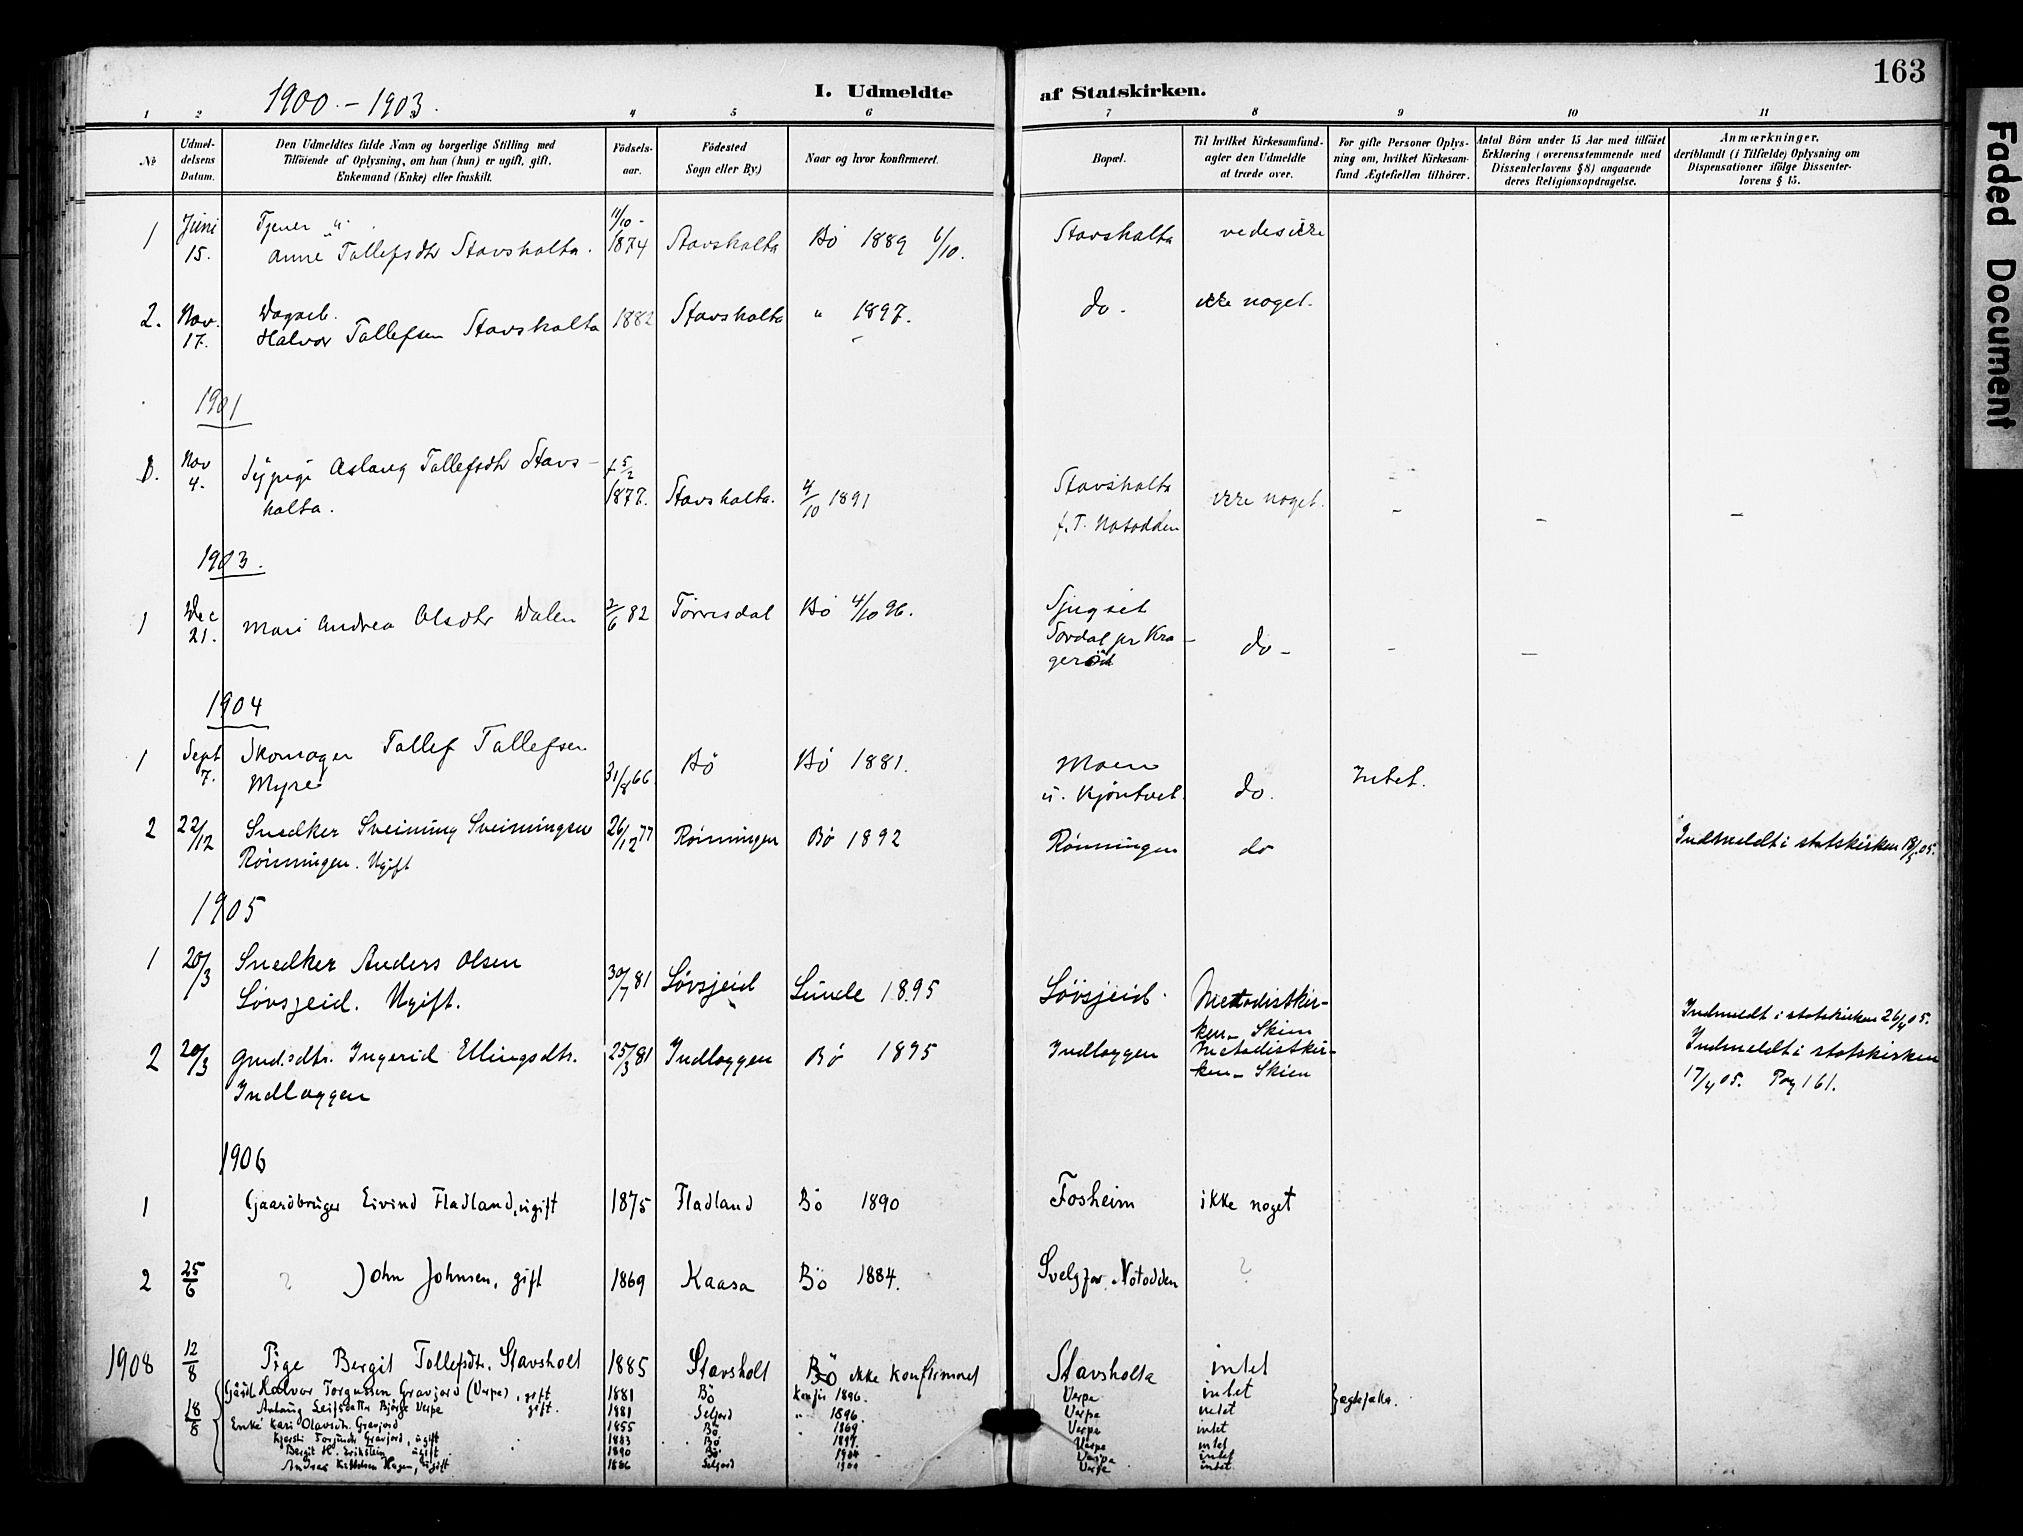 SAKO, Bø kirkebøker, F/Fa/L0012: Ministerialbok nr. 12, 1900-1908, s. 163